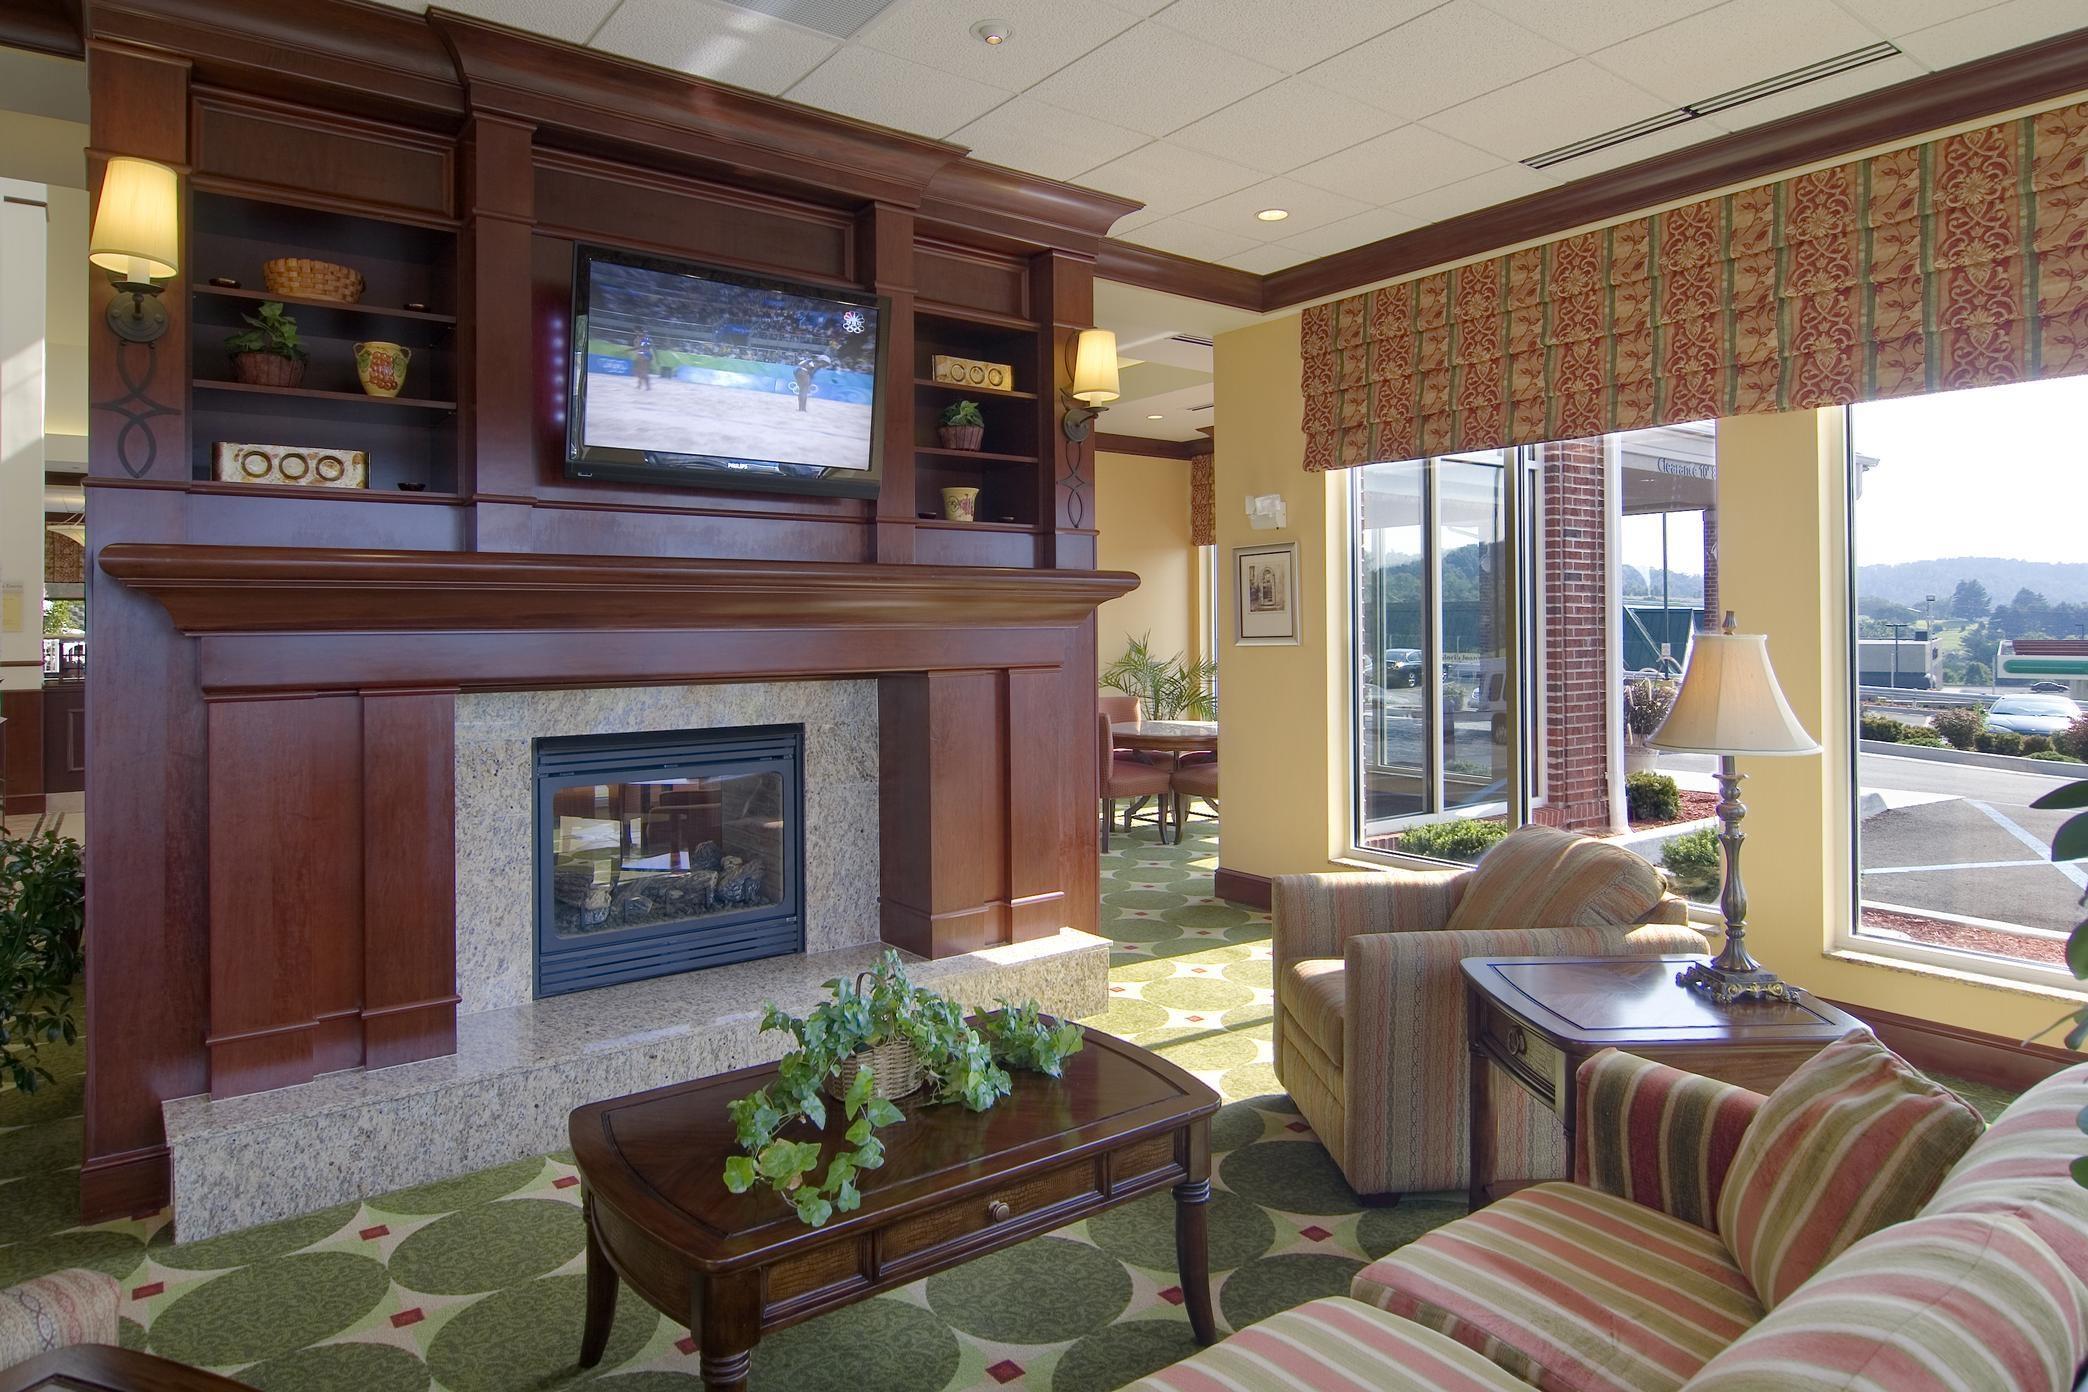 Hilton Garden Inn Clarksburg image 2